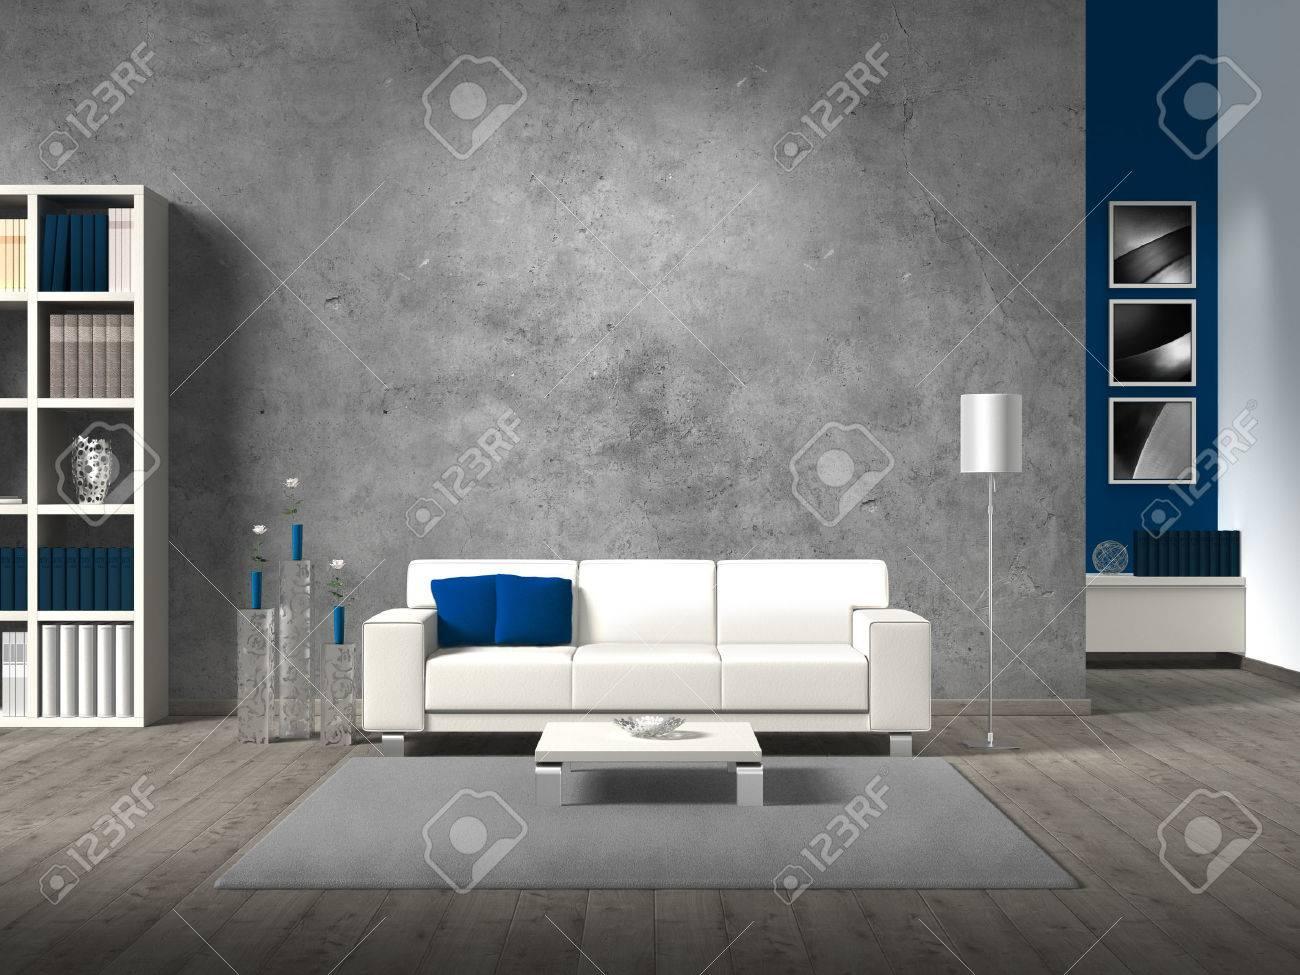 Moderne Wohnzimmer Mit Weißen Sofa Fiktiven Und Exemplar Für Ihren ...